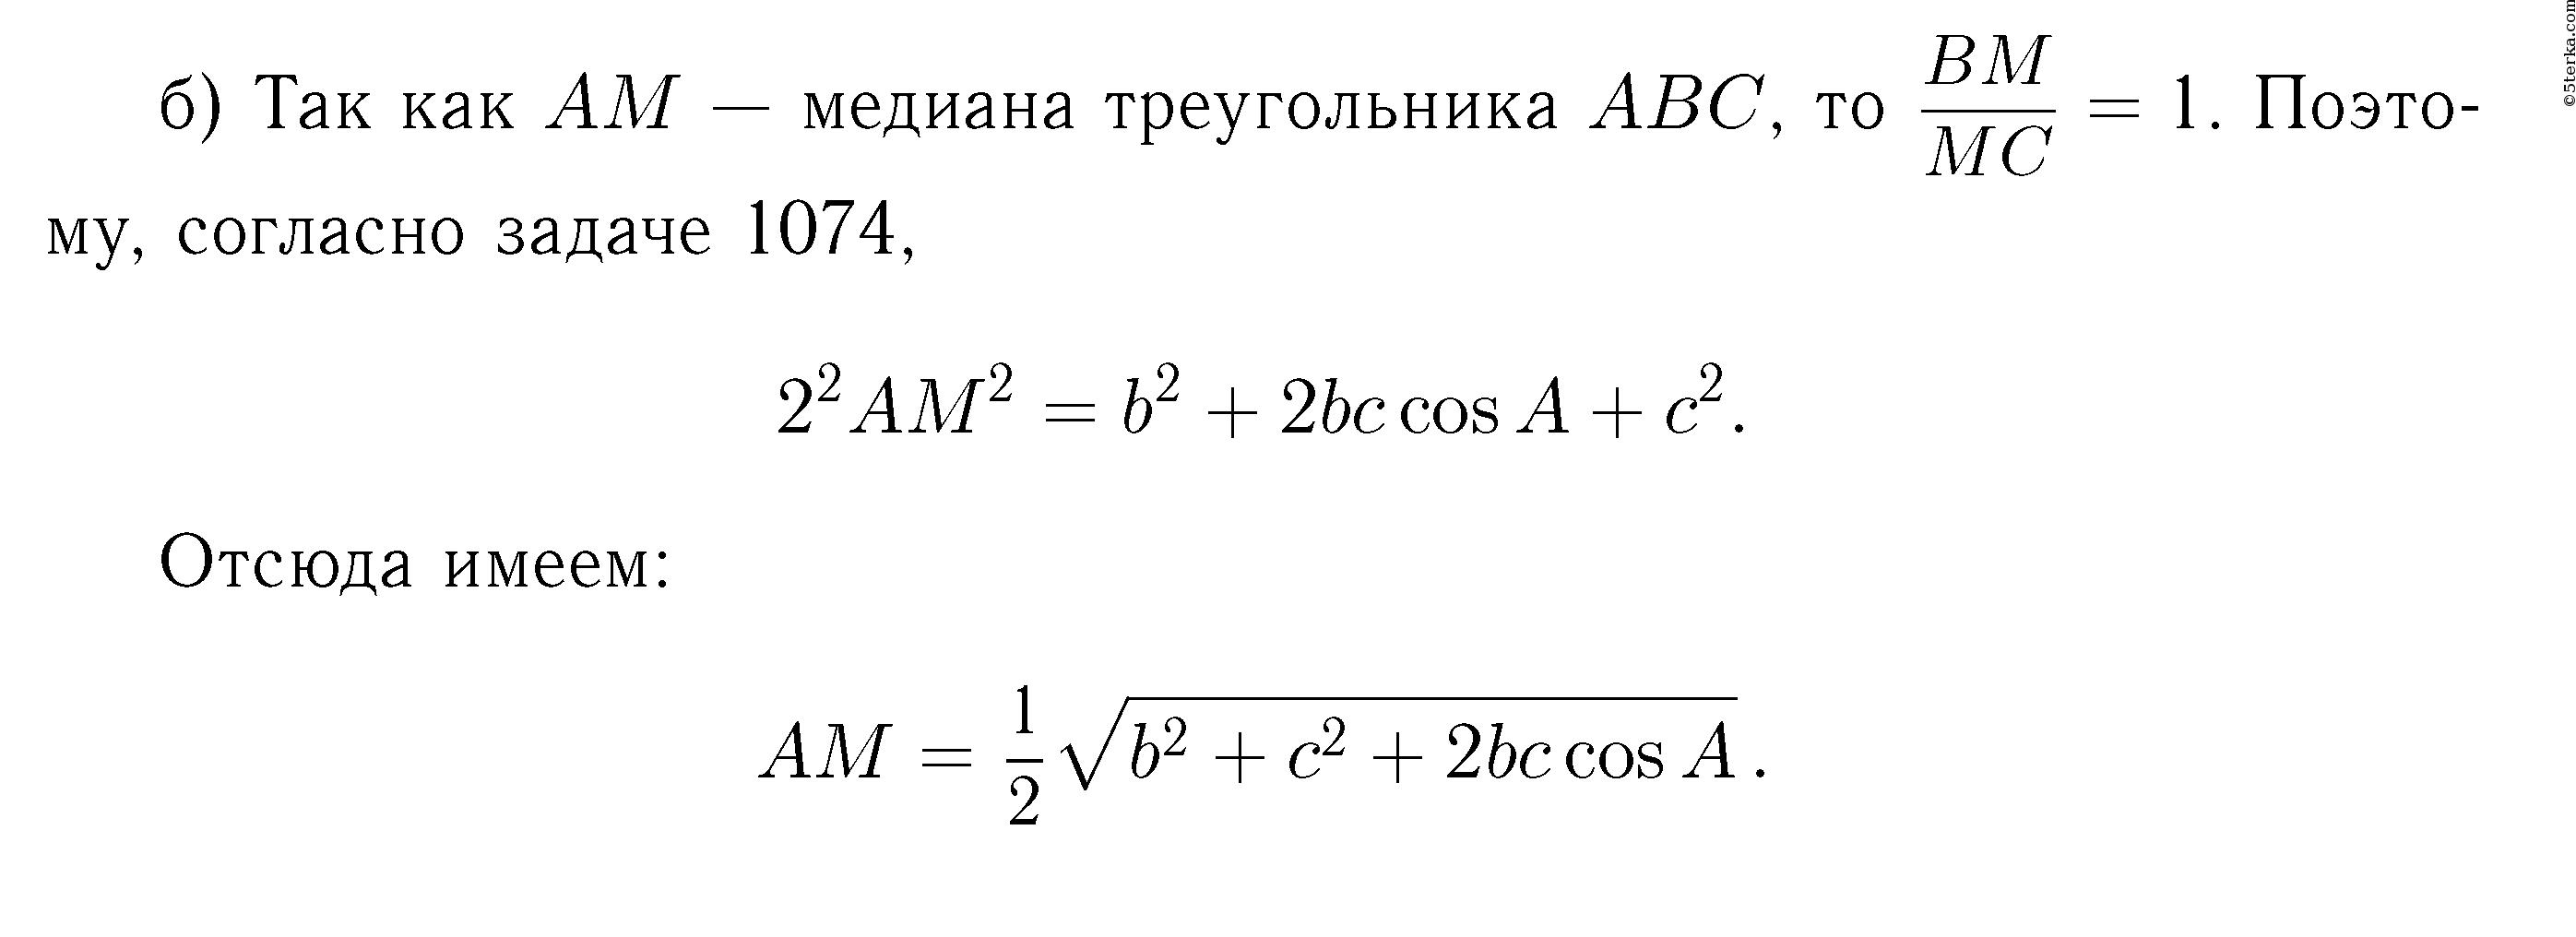 Гдз по геометрии 7 класс бутузов позняк